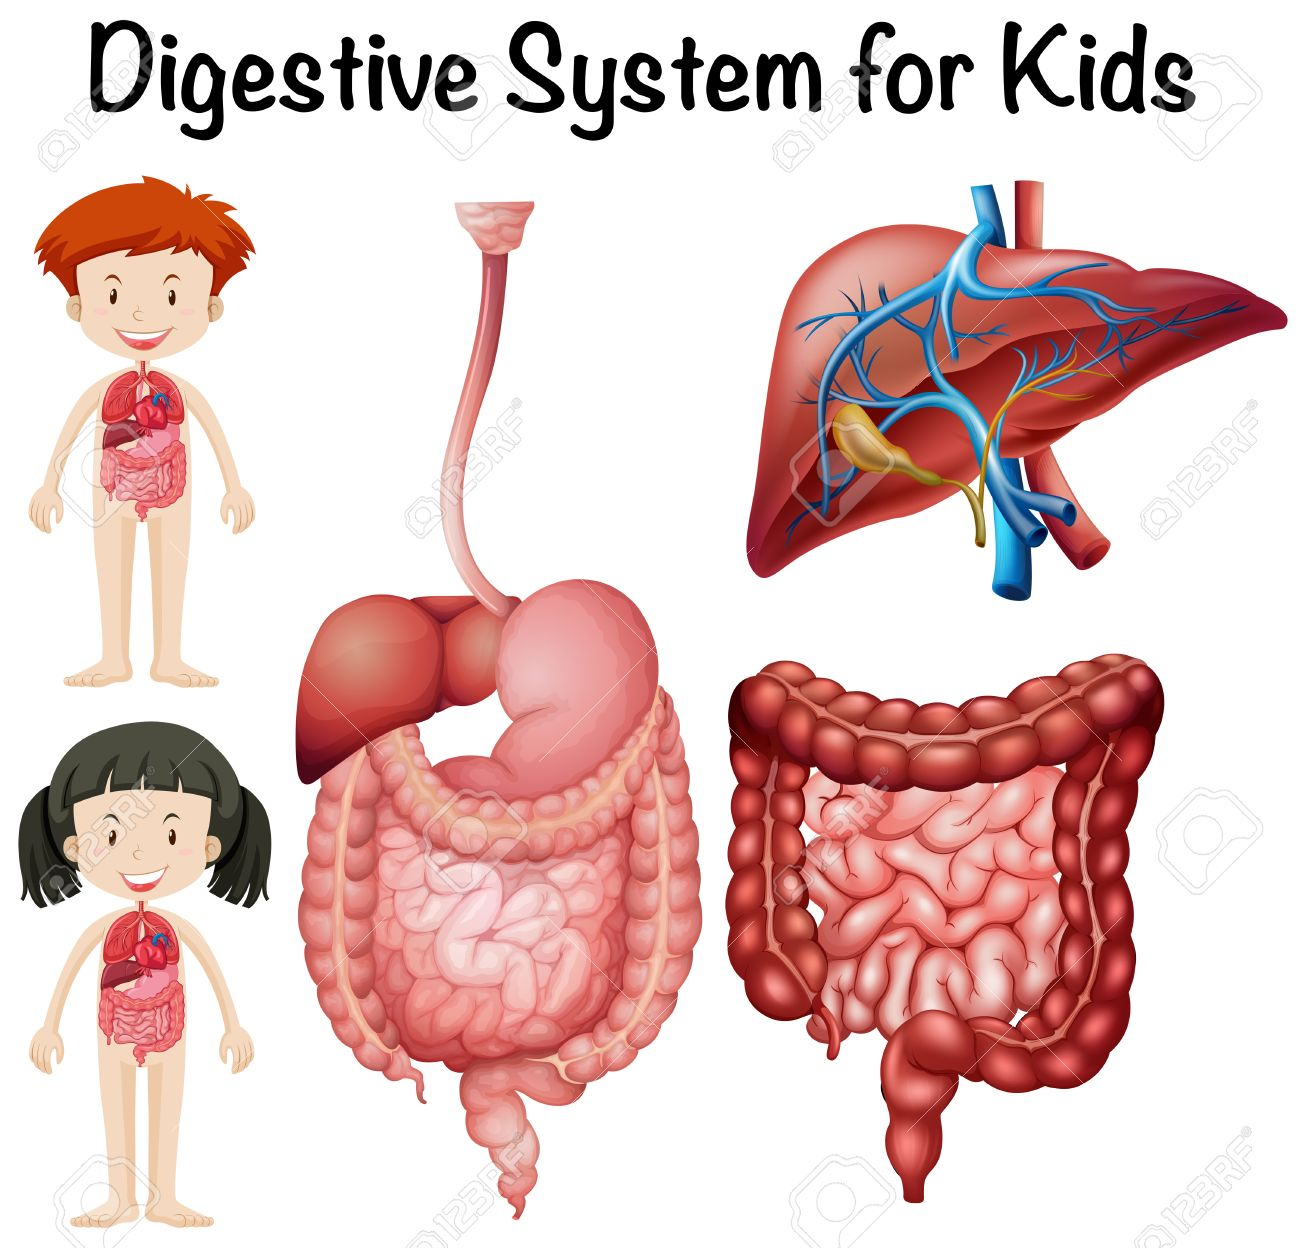 Digestive system for kids illustration.